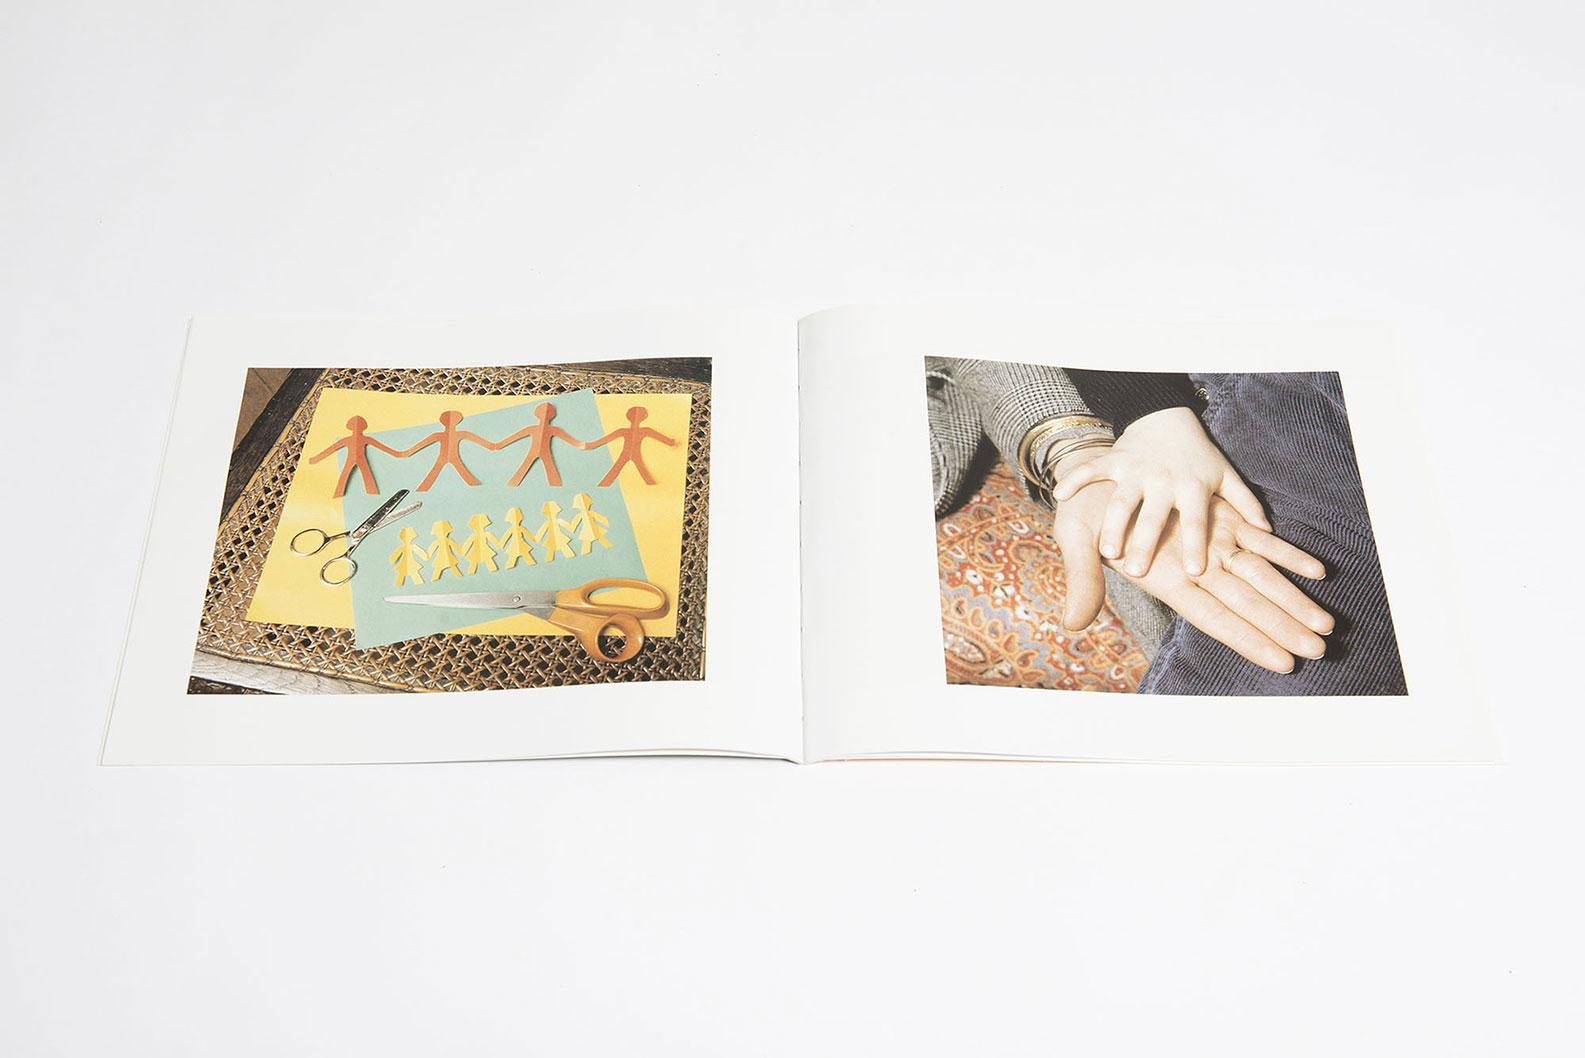 Is It Larger? Is It Smaller?, Tana Hoban, Greenwillow Books, 1997. Dalla biblioteca della Fondazione Malaspina.